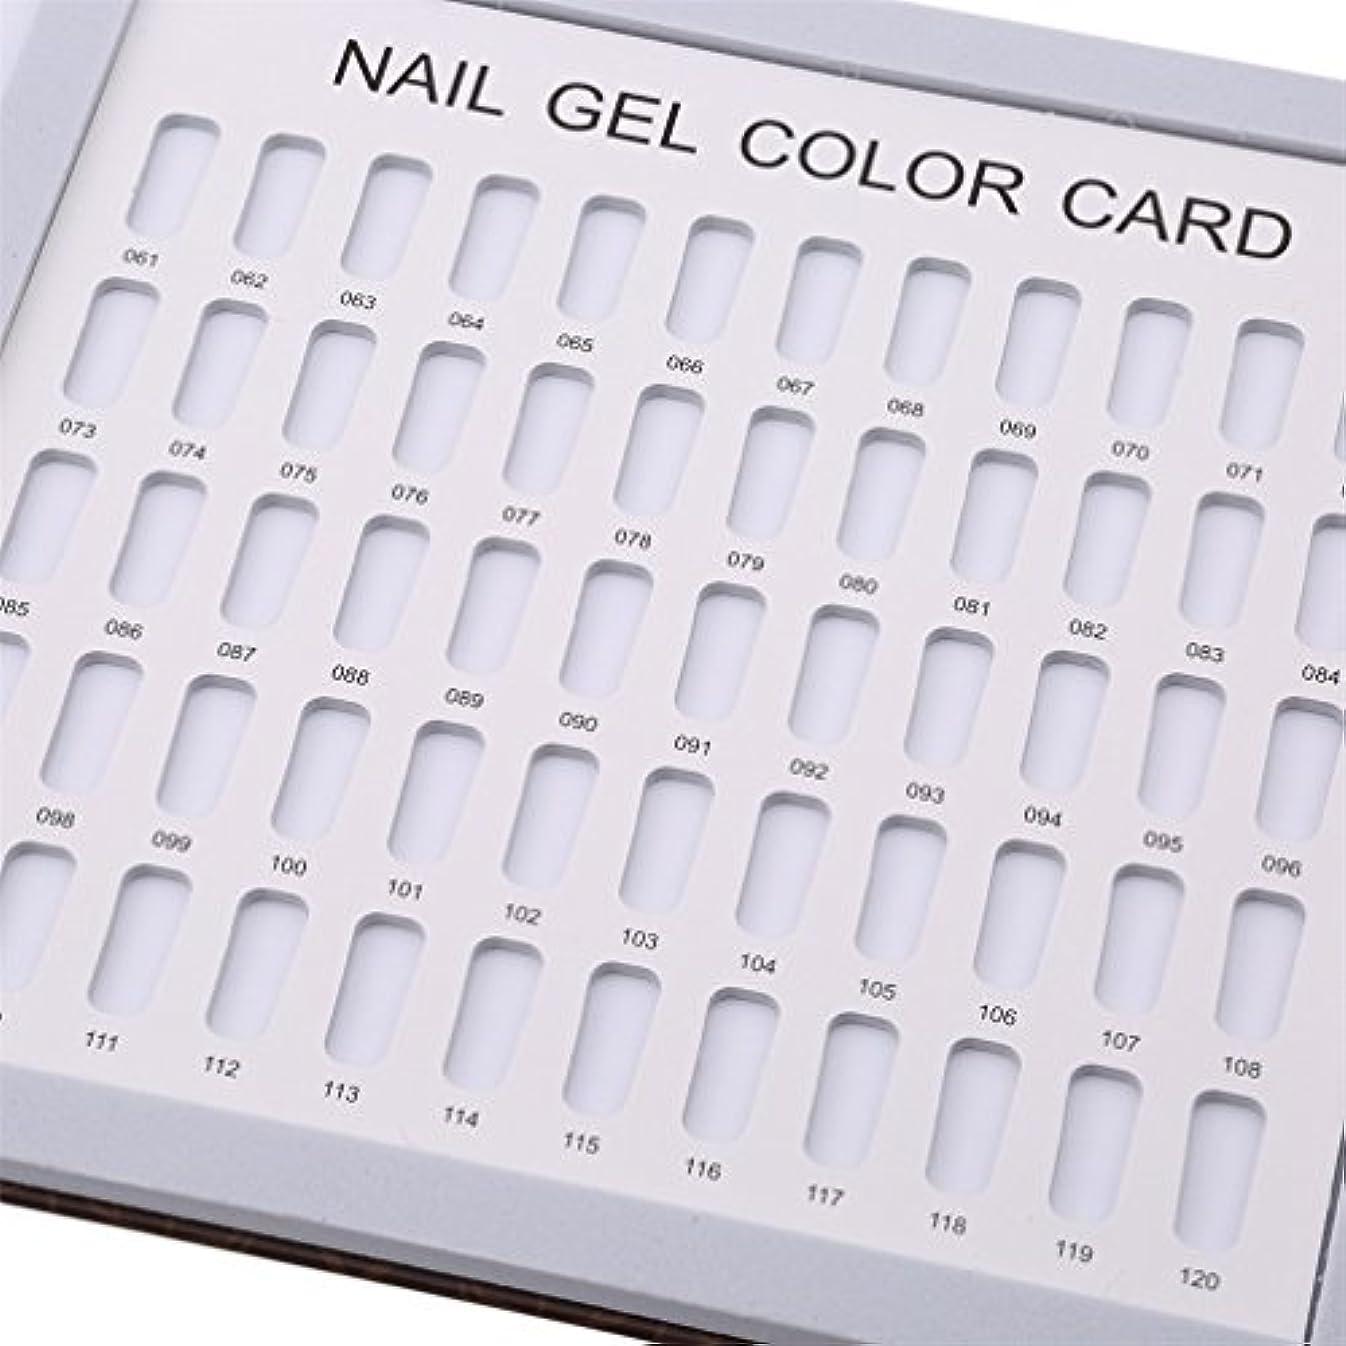 下向き動かない消費するLJSLYJ 120色 シンプルでスタイリッシュ サンプル帳 カラーチャート ブック ネイルマニキュアカラー色見本 ネイルジェルカードボックス,コーヒーローズ模様